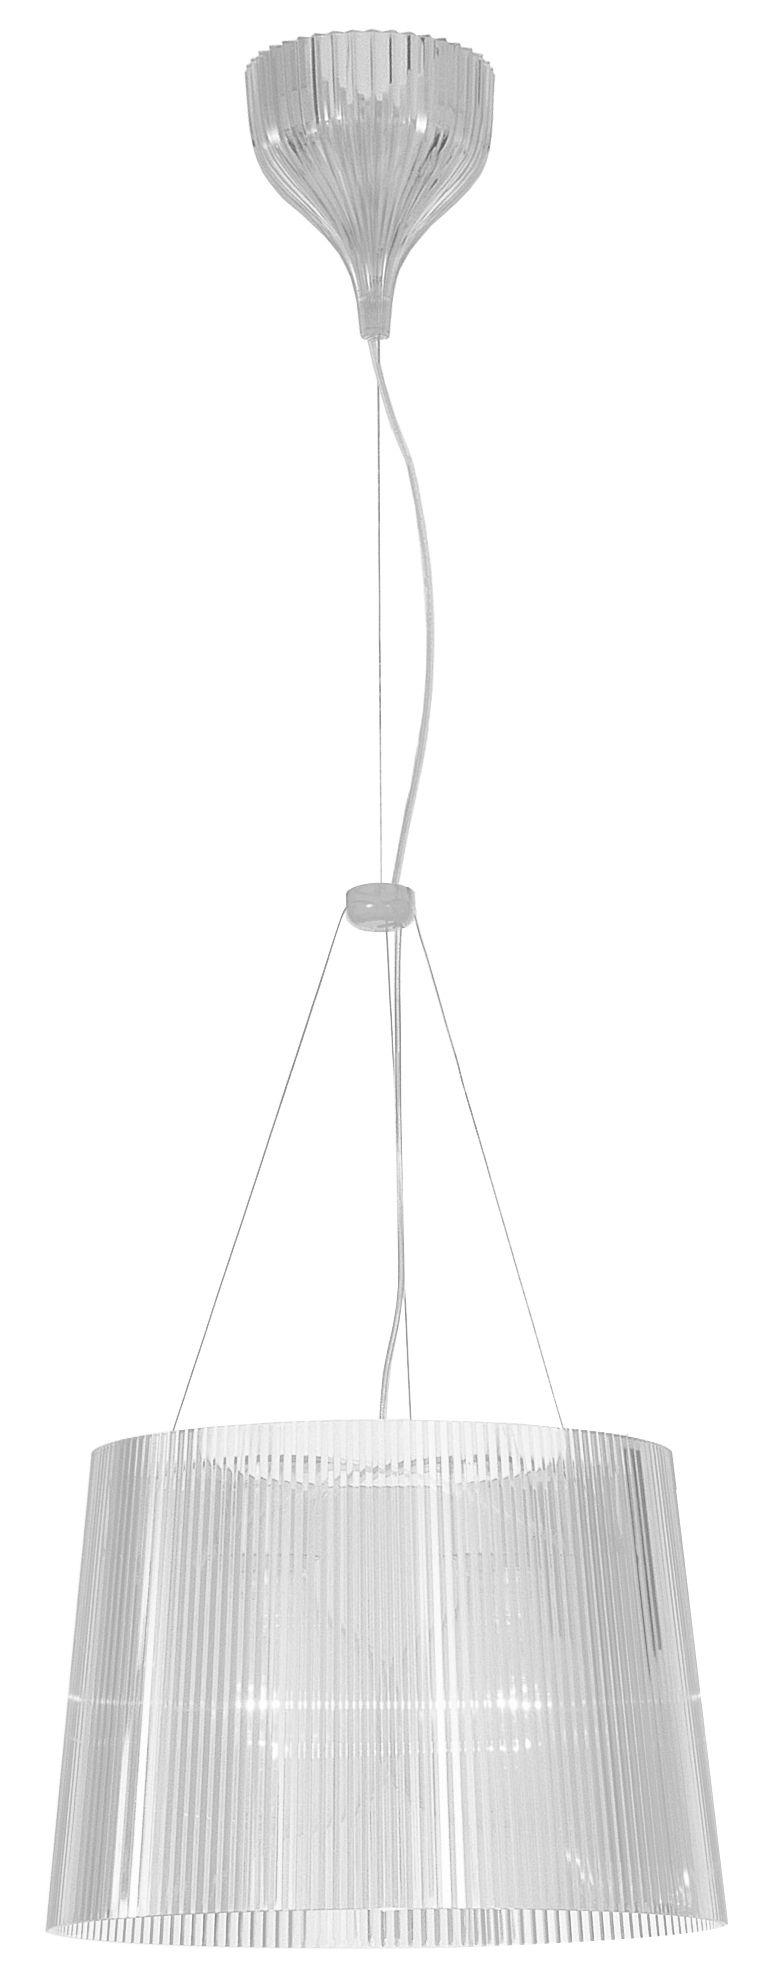 Illuminazione - Lampadari - Sospensione Gé di Kartell - Trasparente - policarbonato